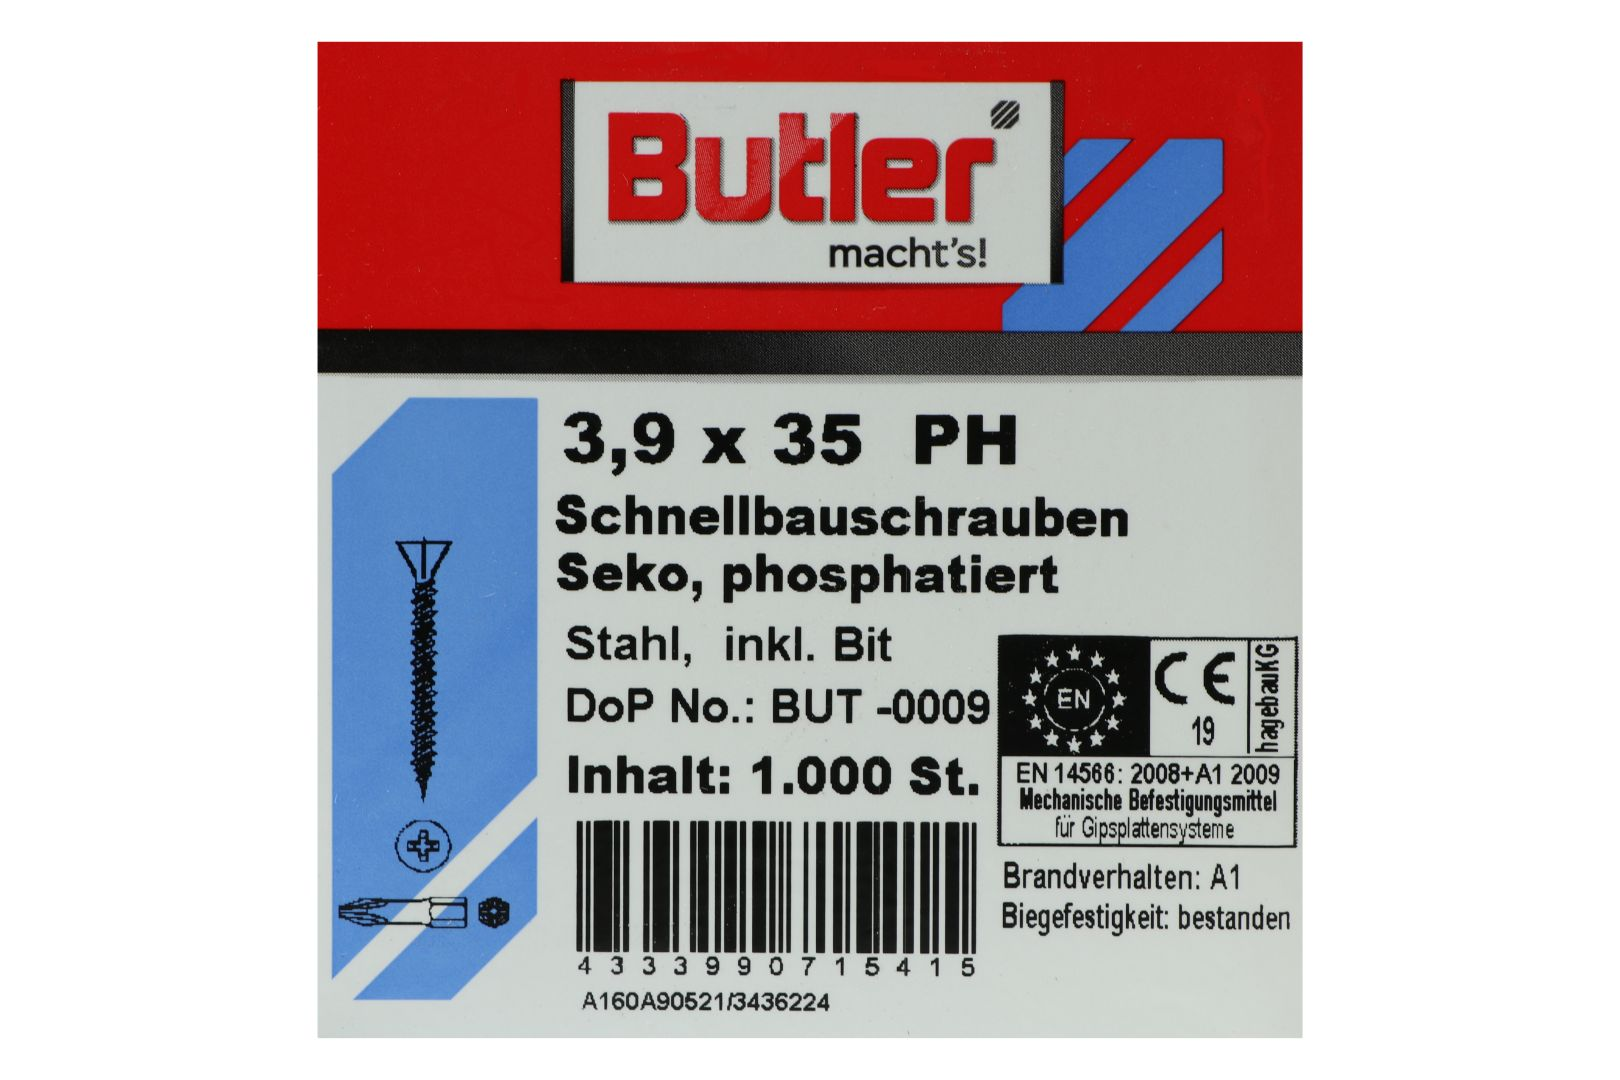 Butler macht's! Schnellbauschrauben inkl. Bit für Faserplatten auf Holz und Metall bis 0,6 mm, HiLo-Gewinde, PH2, 3,9 x 35 mm, 1.000 Stück